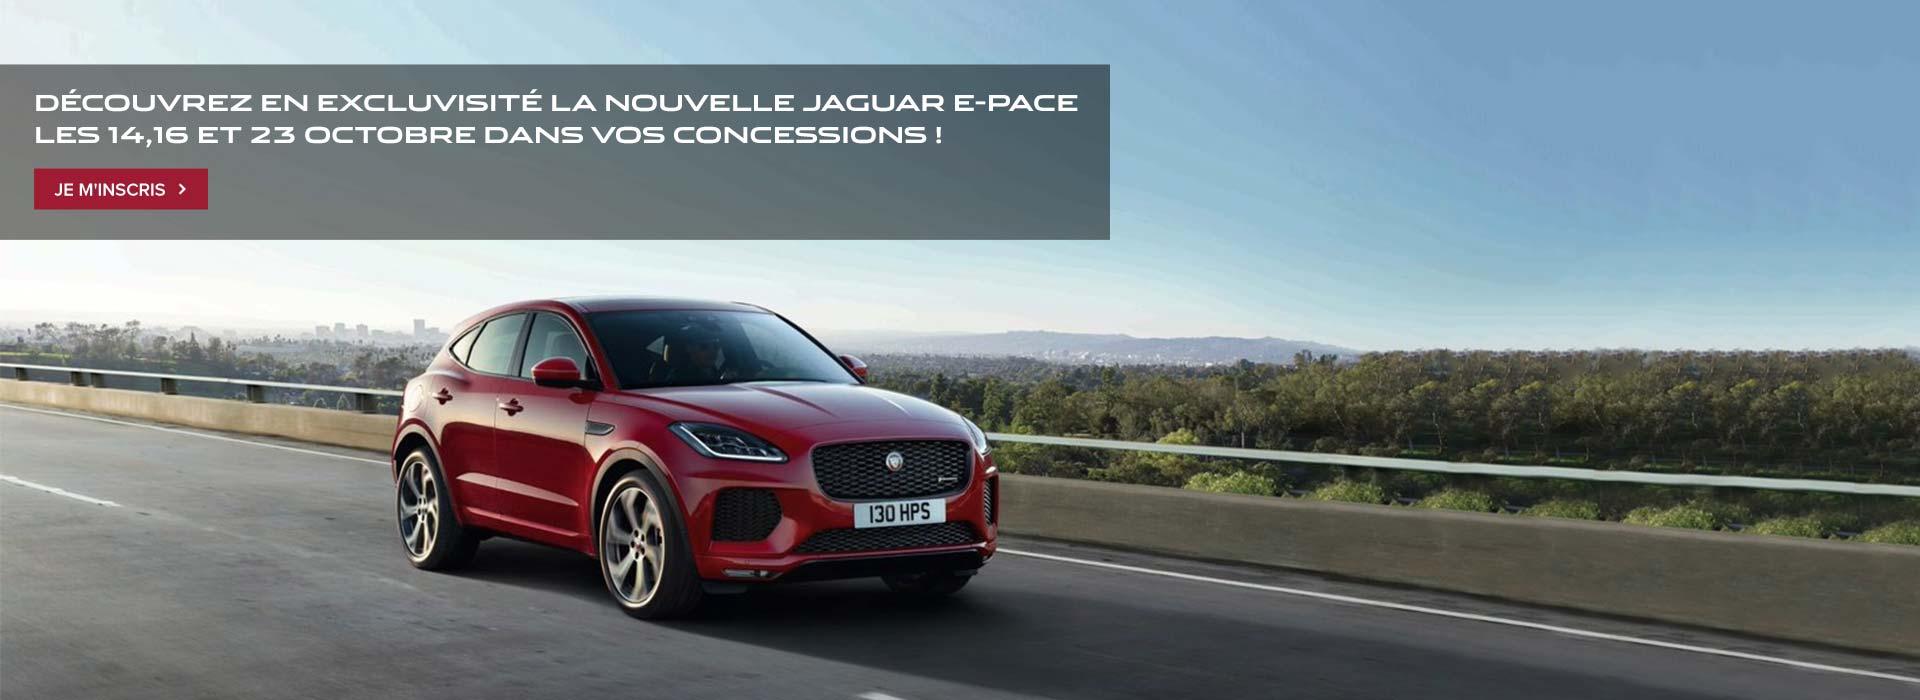 jaguar paris concessionnaire garage paris 75. Black Bedroom Furniture Sets. Home Design Ideas